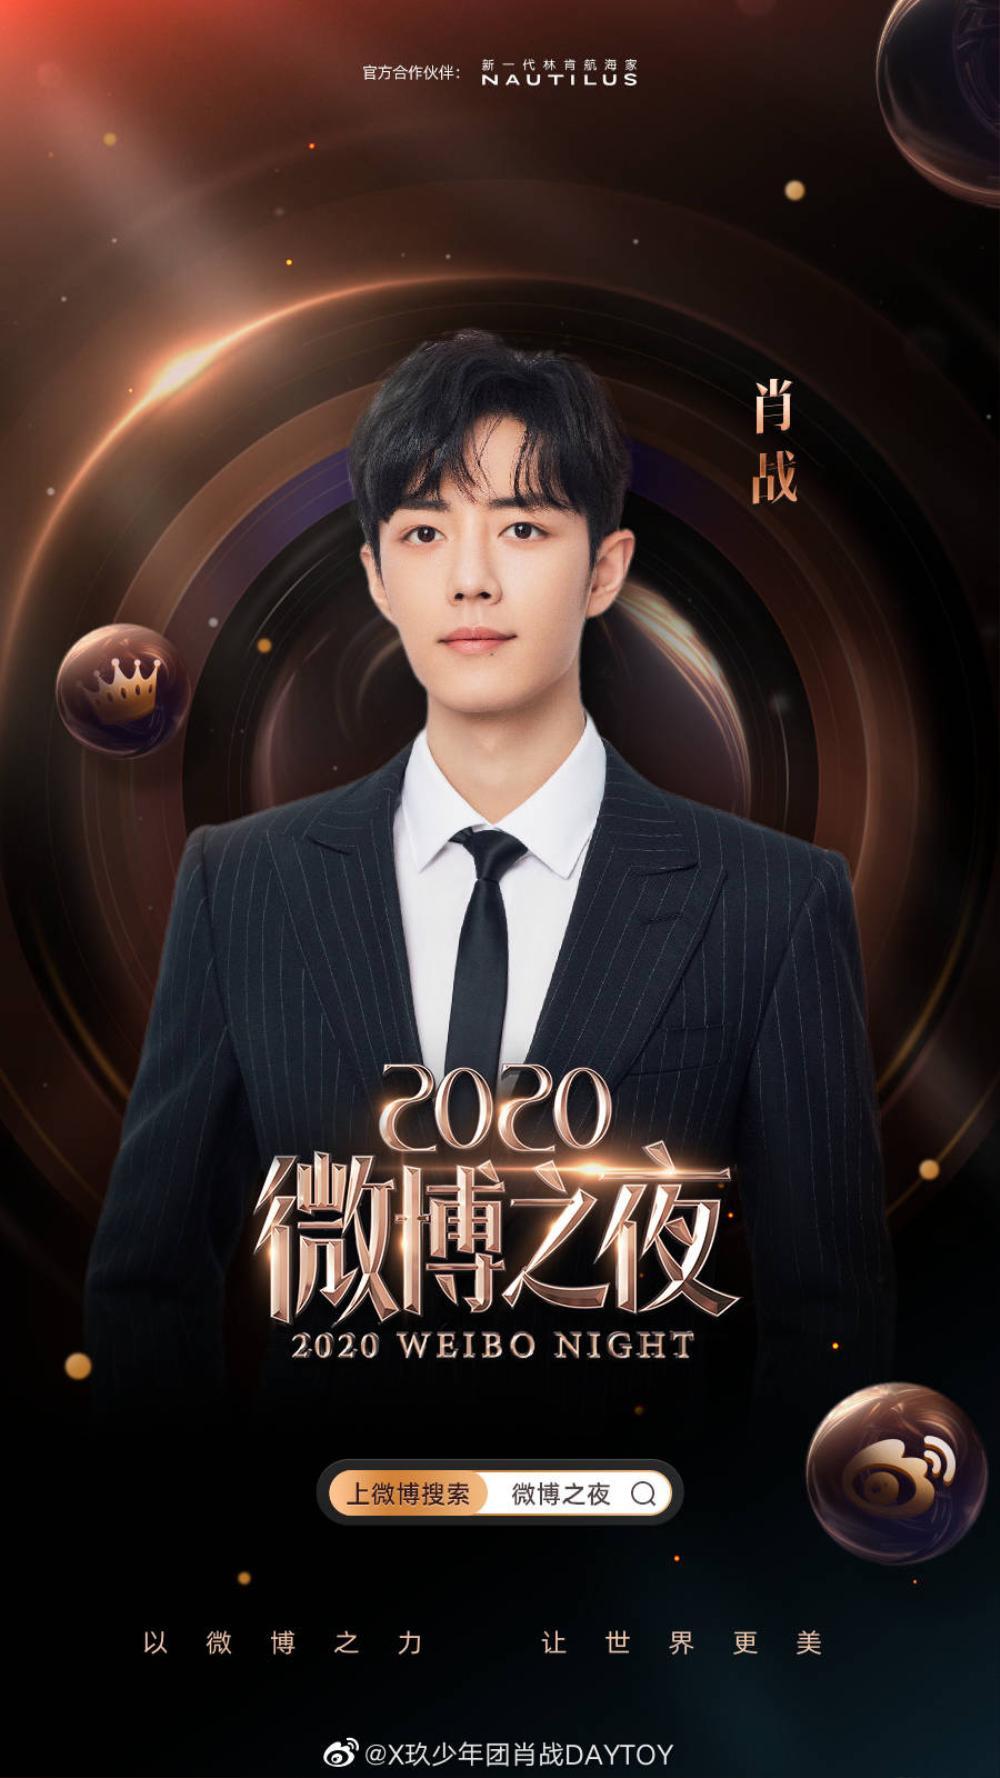 Tiêu Chiến - Địch Lệ Nhiệt Ba và Vương Tuấn Khải xác nhận tham dự 'Đêm hội Weibo 2020' Ảnh 7